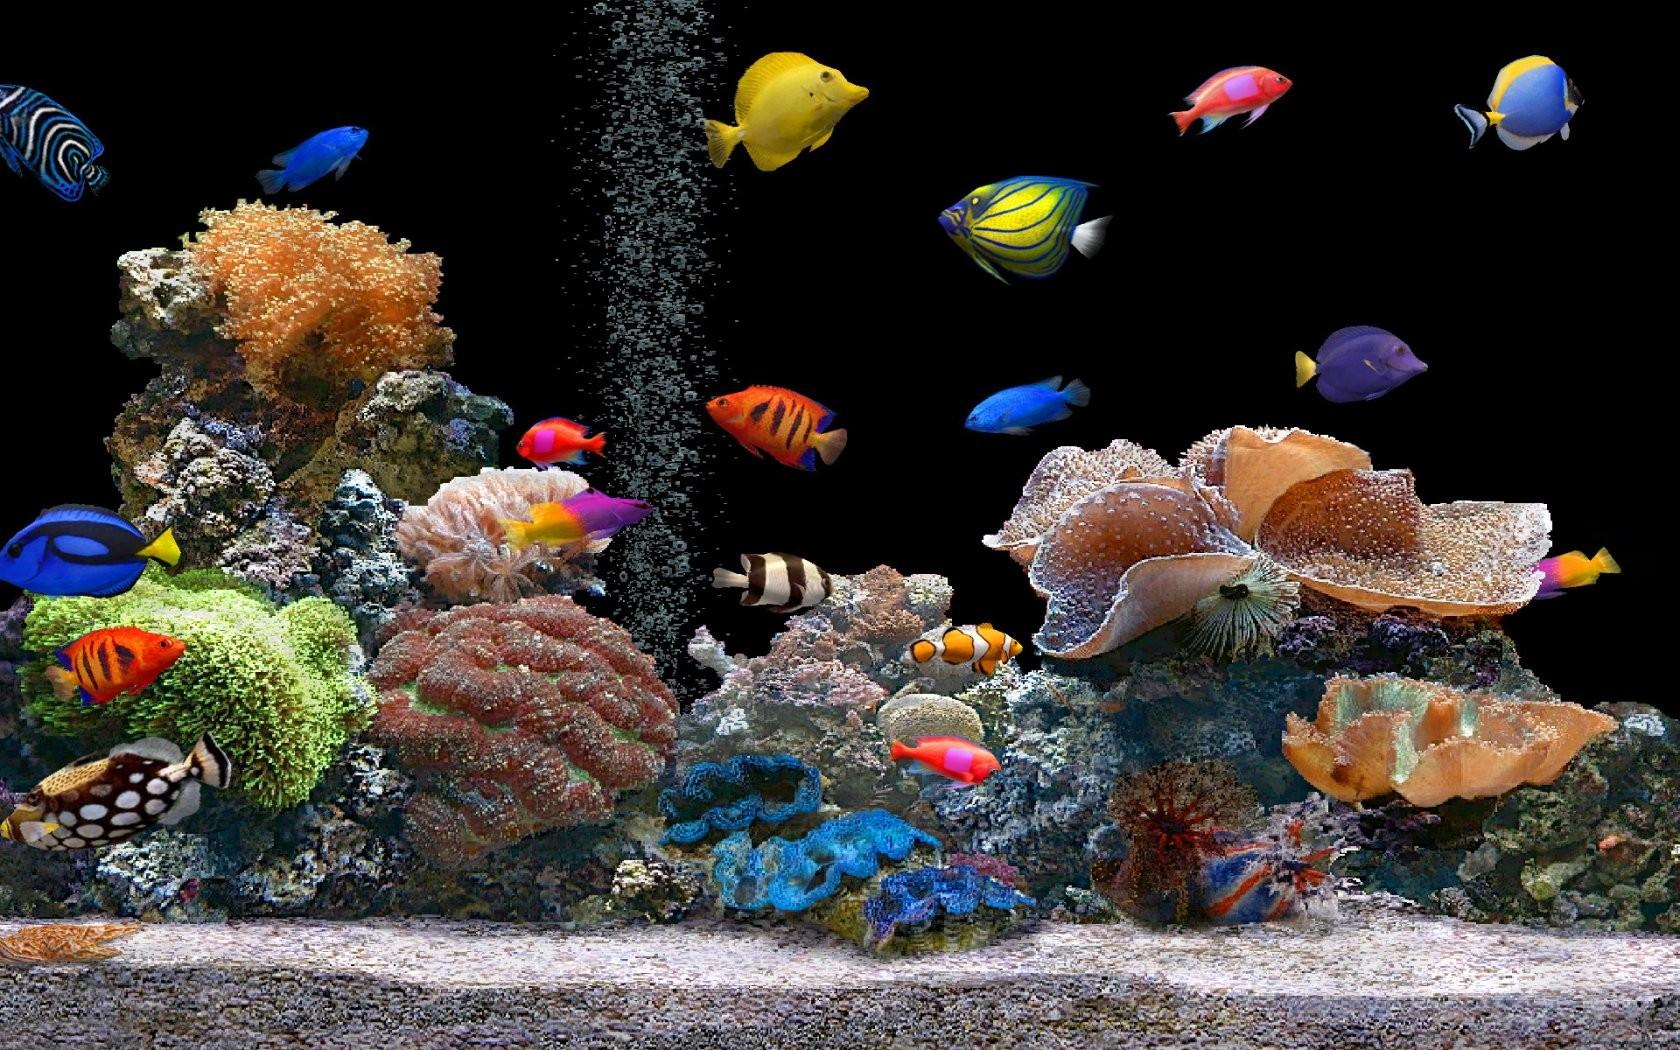 1680x1050 Aquarium desktop PC and Mac wallpaper 1680x1050